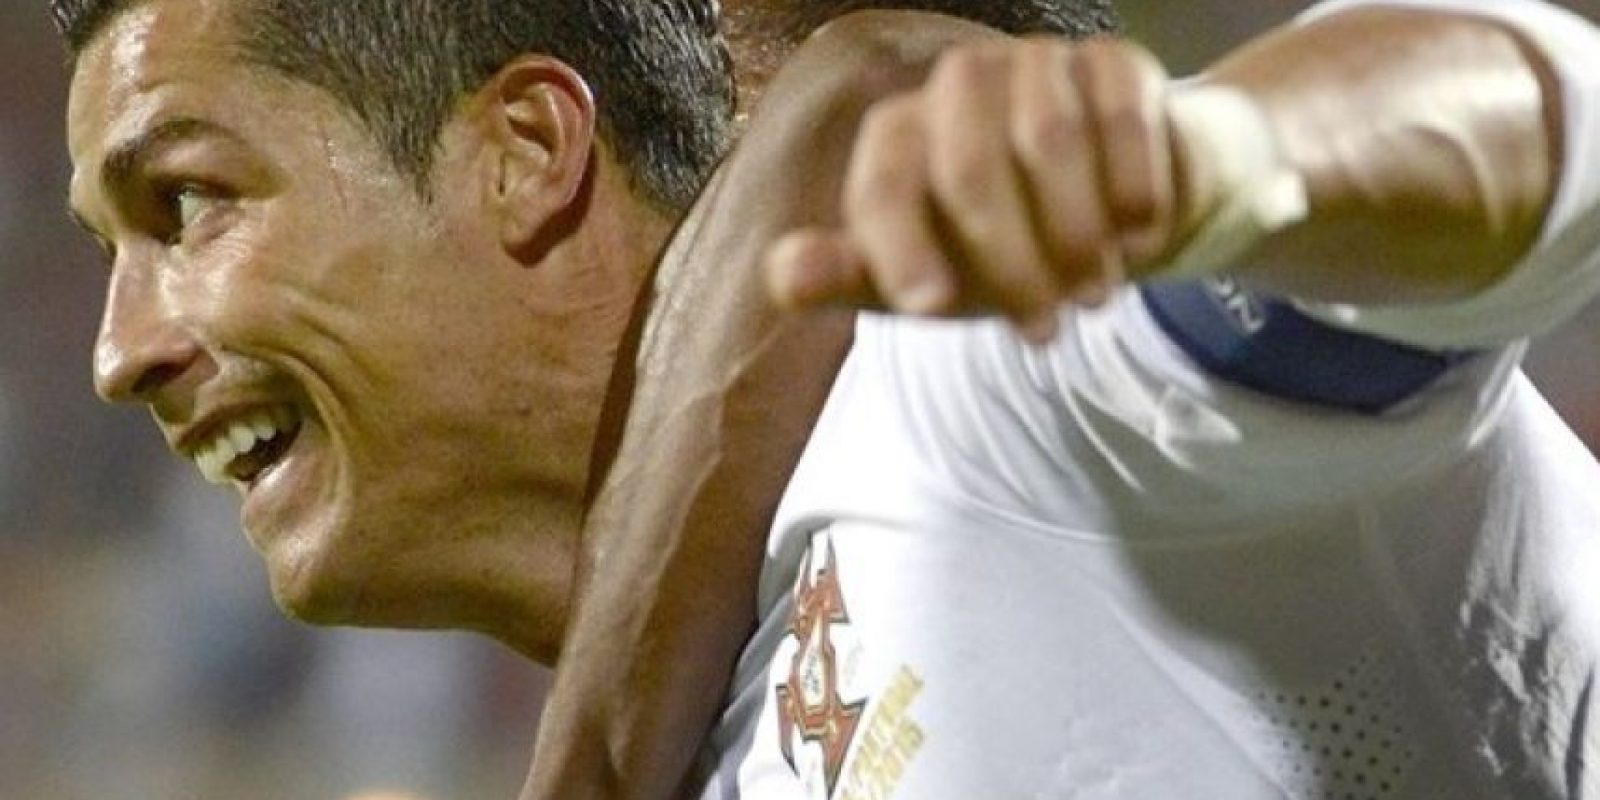 La última vez que lo vivió fue este fin de semana, cuando Portugual jugó contra Armenia en las eliminatorias de la UEFA. Foto:AFP